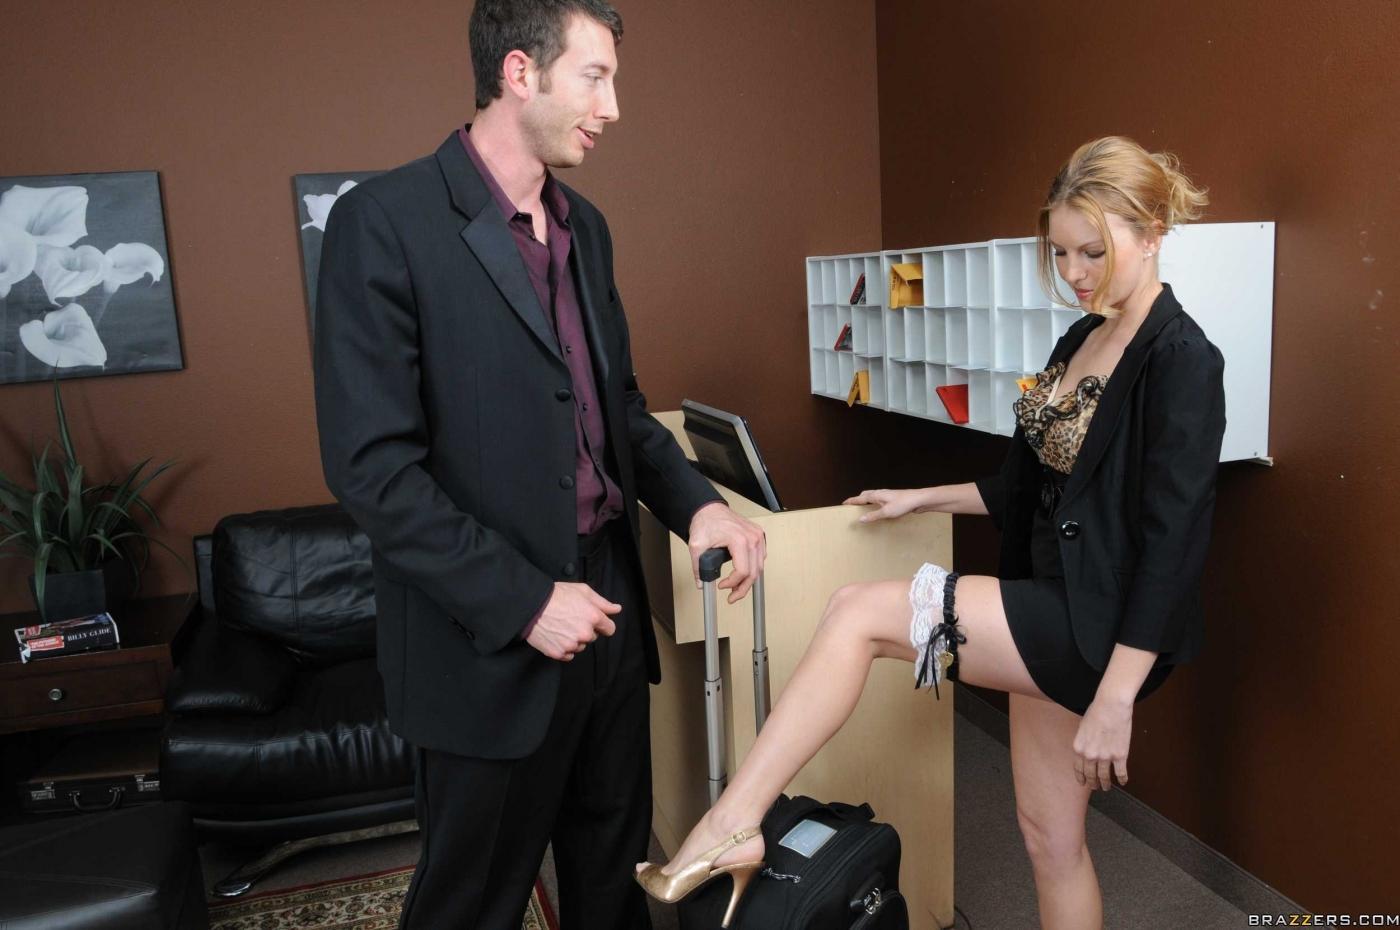 Сисястая милашка Mason Moore снимает униформу и сношается в гостинице отеля